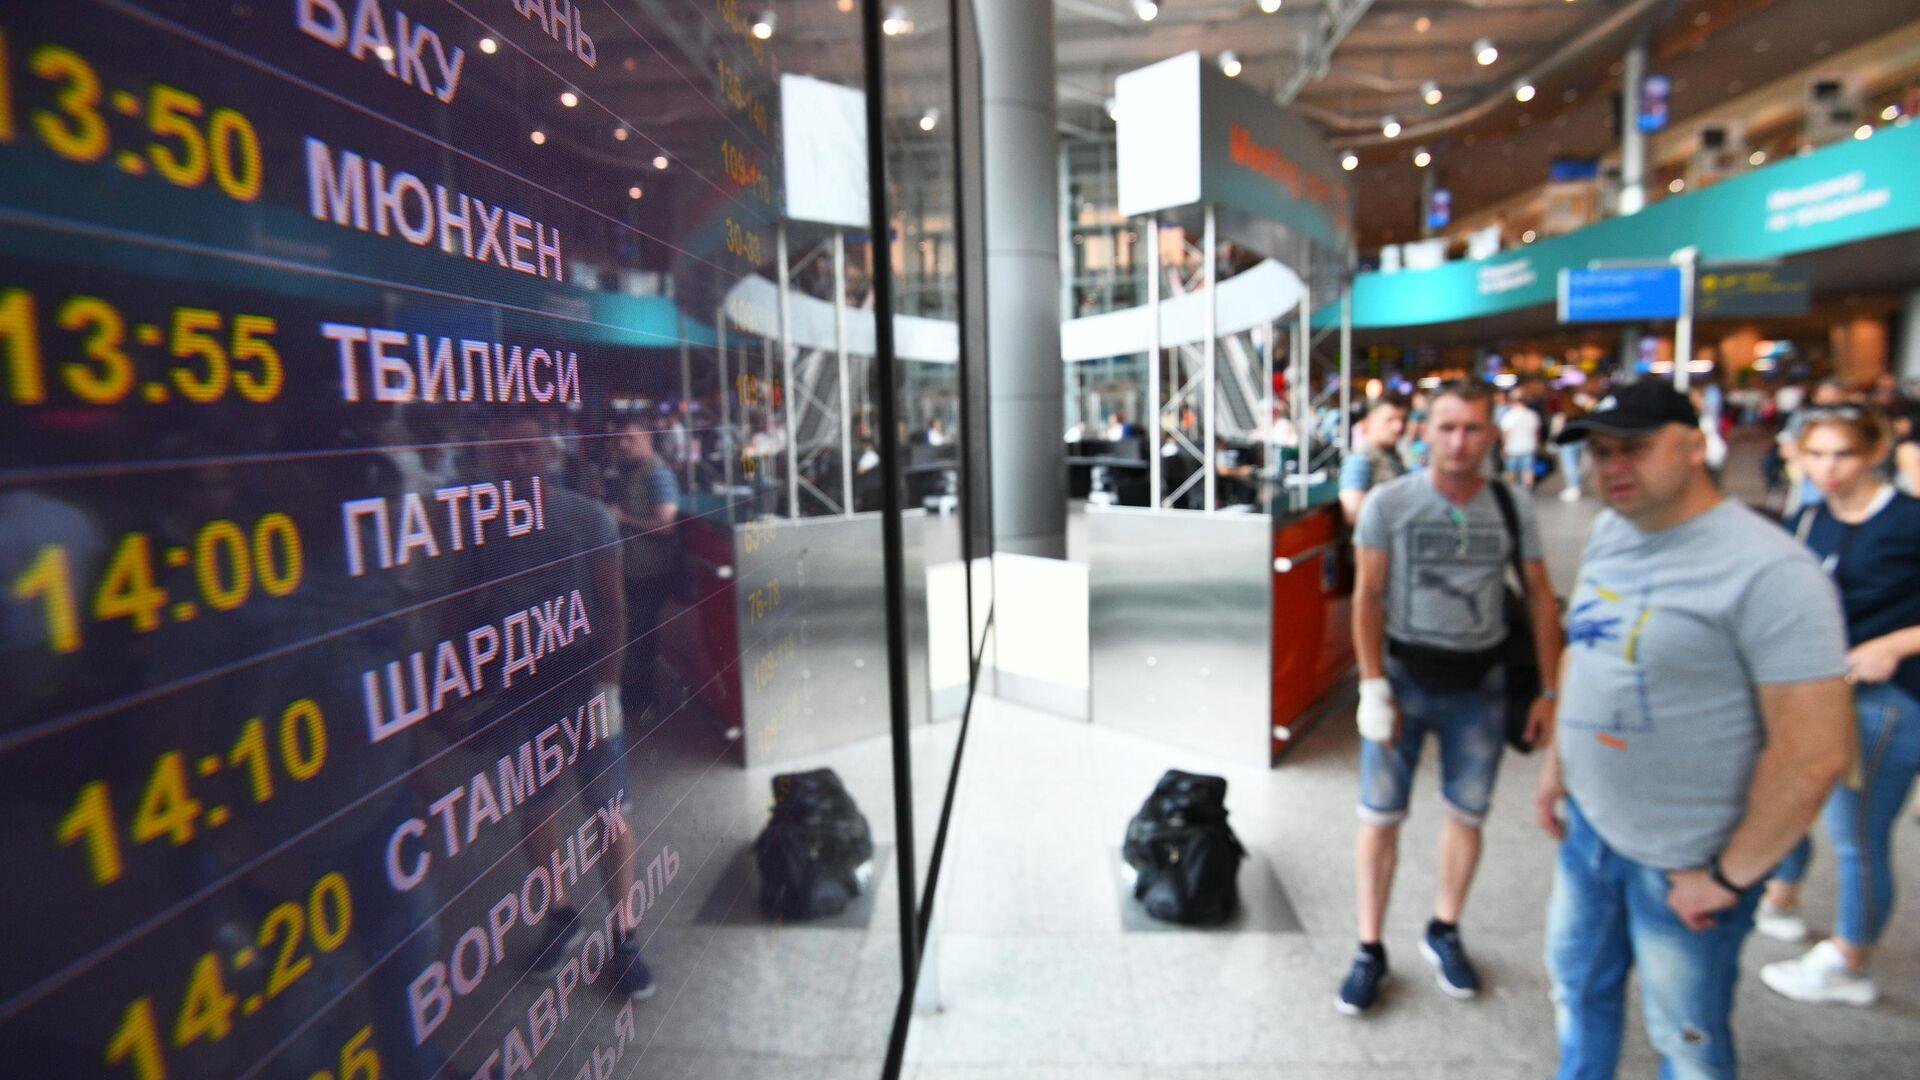 Информационное табло с расписанием авиарейсов в аэропорту Домодедово - РИА Новости, 1920, 24.02.2021